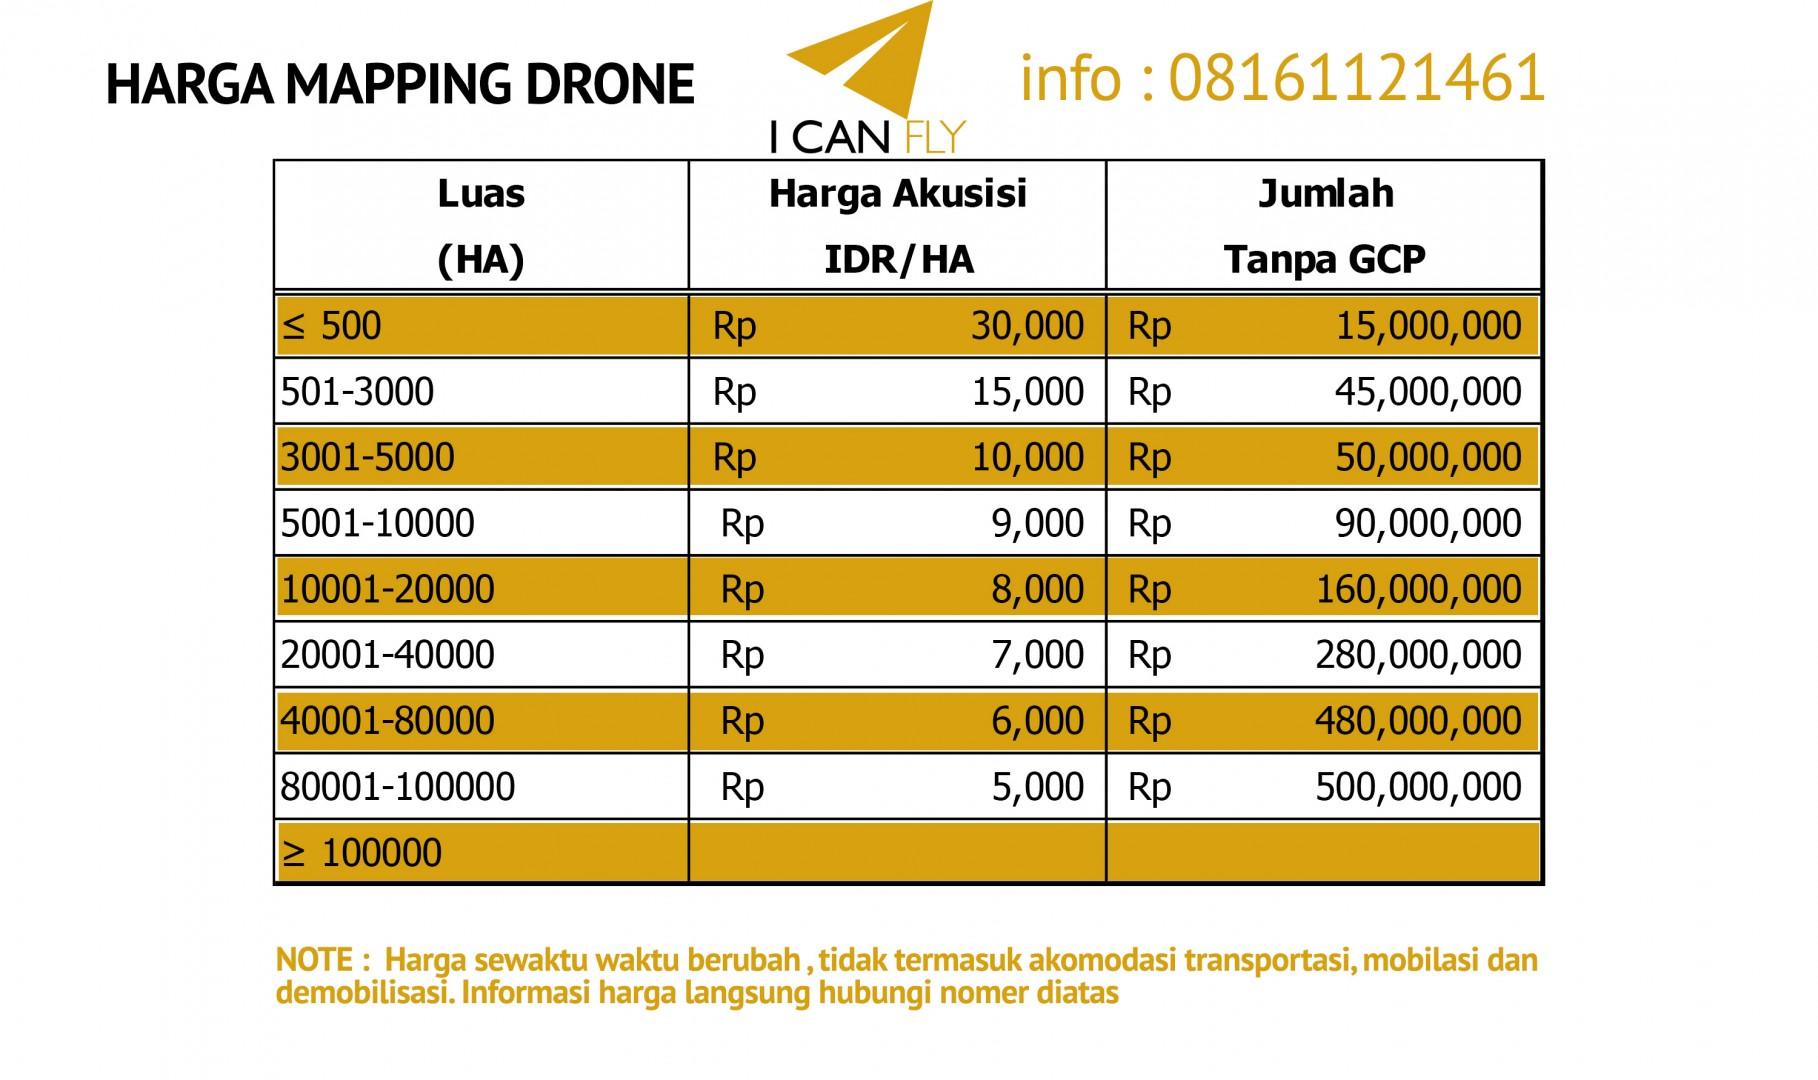 Harga pemetaan drone